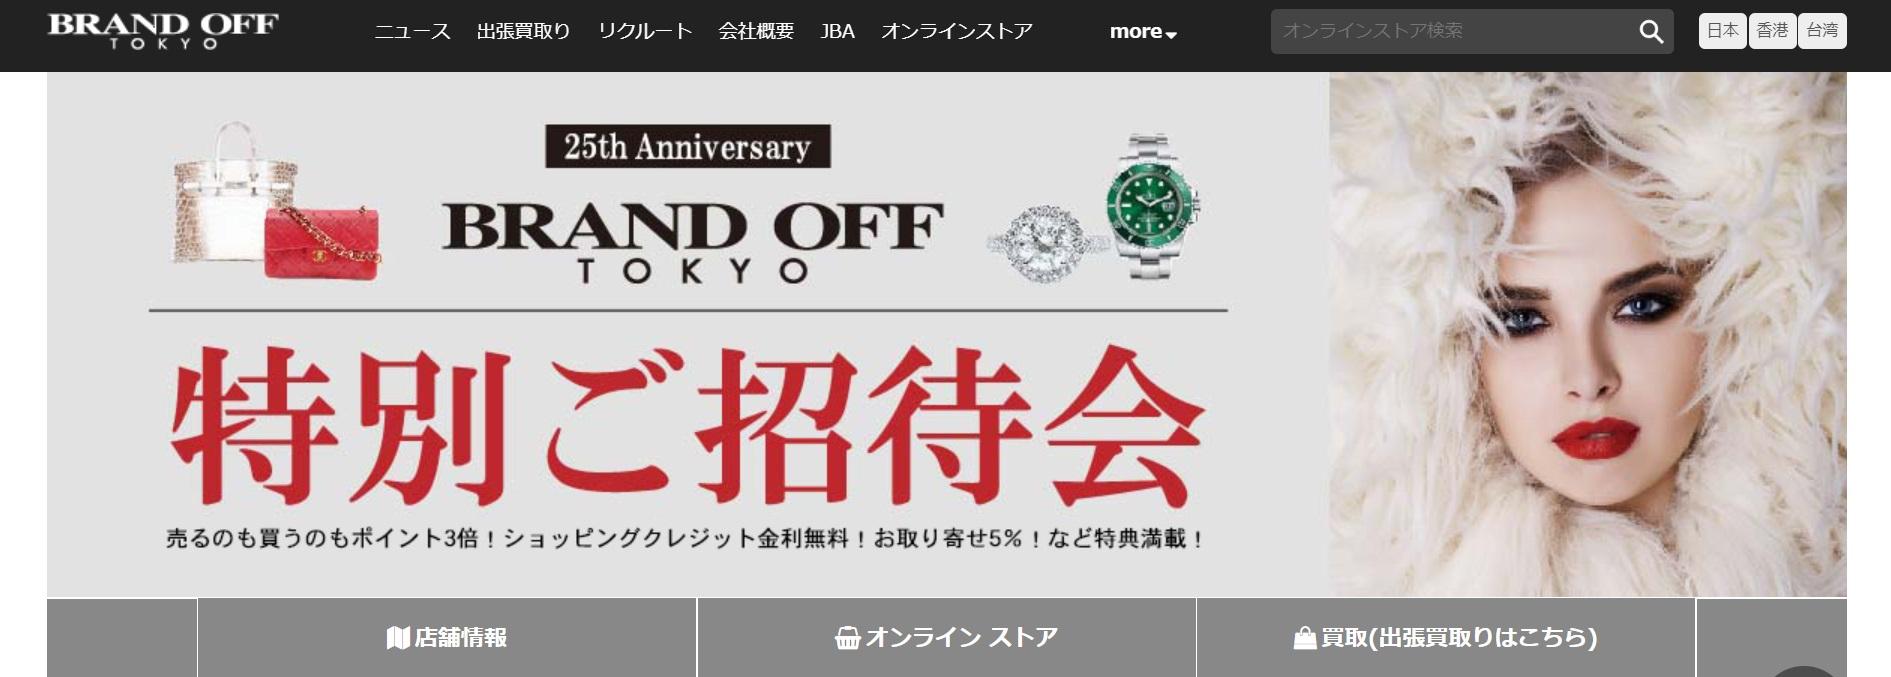 出典:https://kaitori.brandoff.co.jp